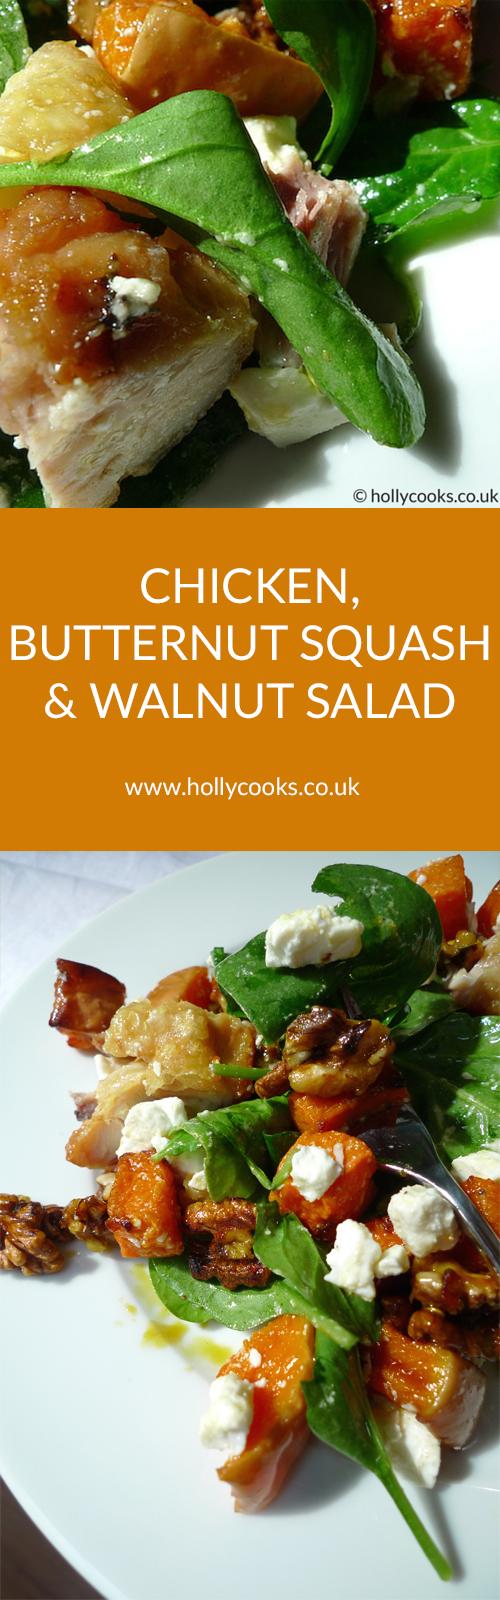 chicken, butternut squash and walnut salad